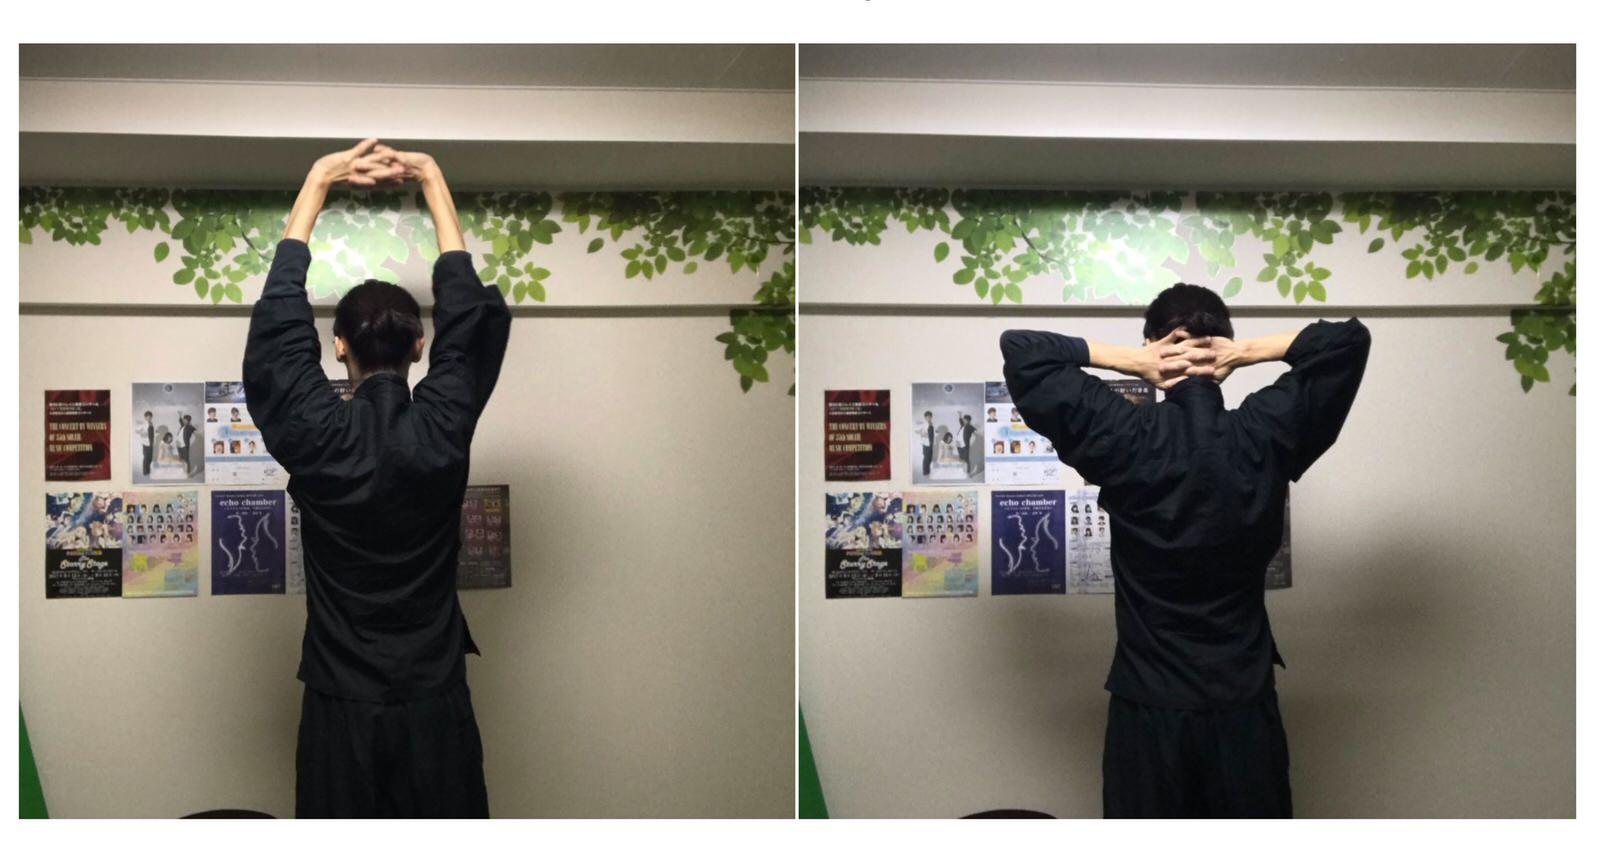 肩こり改善に「肩の内巻きを改善する簡単な体操」が話題に、試してみたら凄いスッキリした!